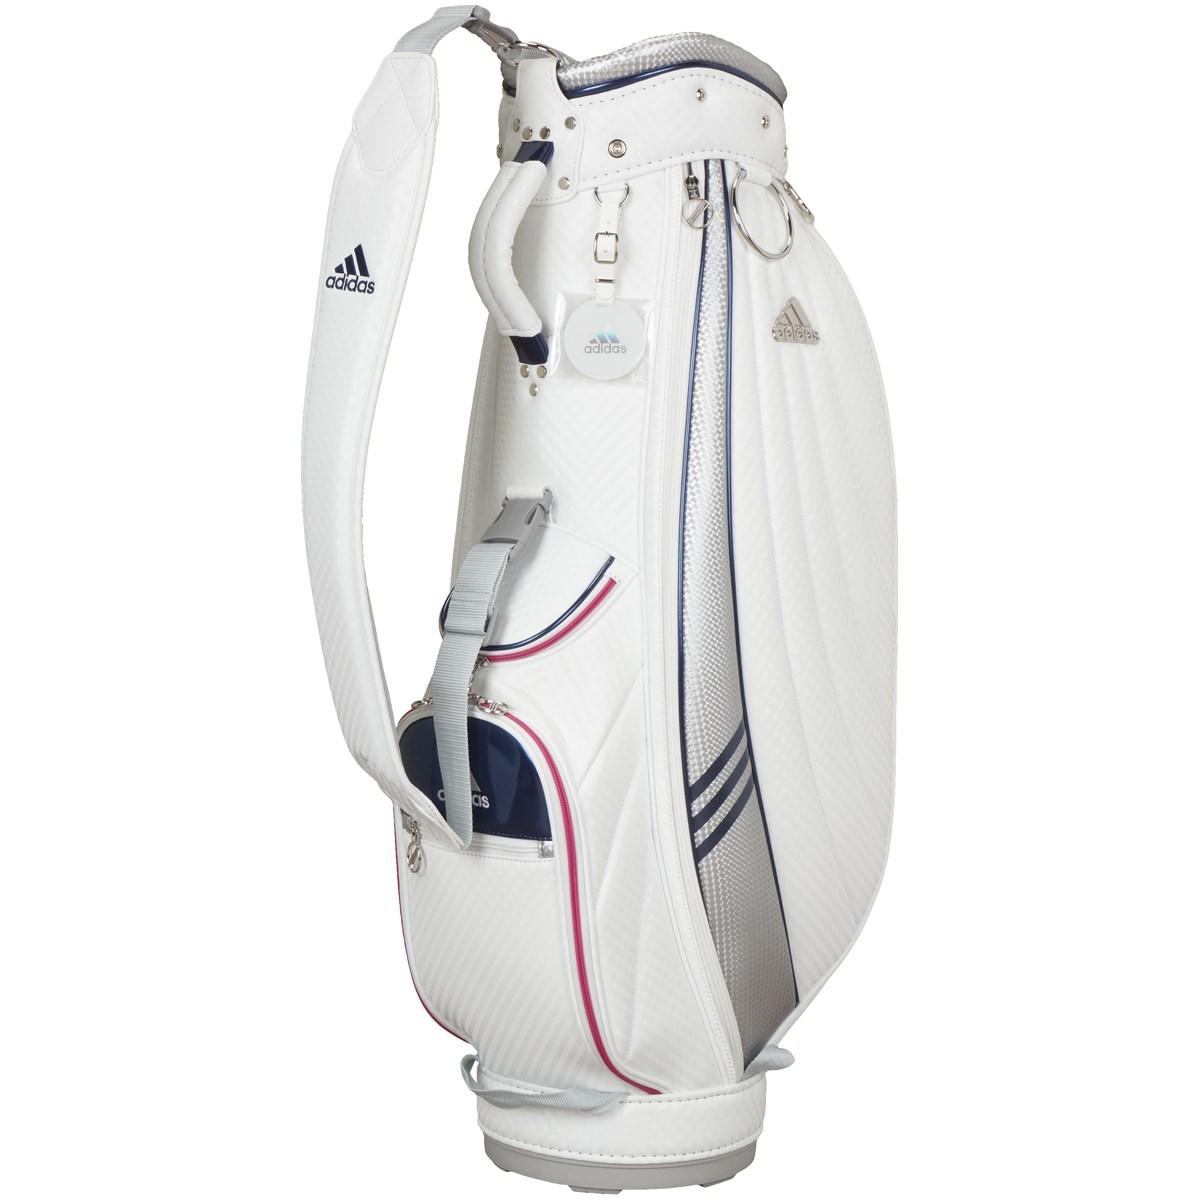 アディダス Adidas キルティングキャディバッグ ホワイト レディス